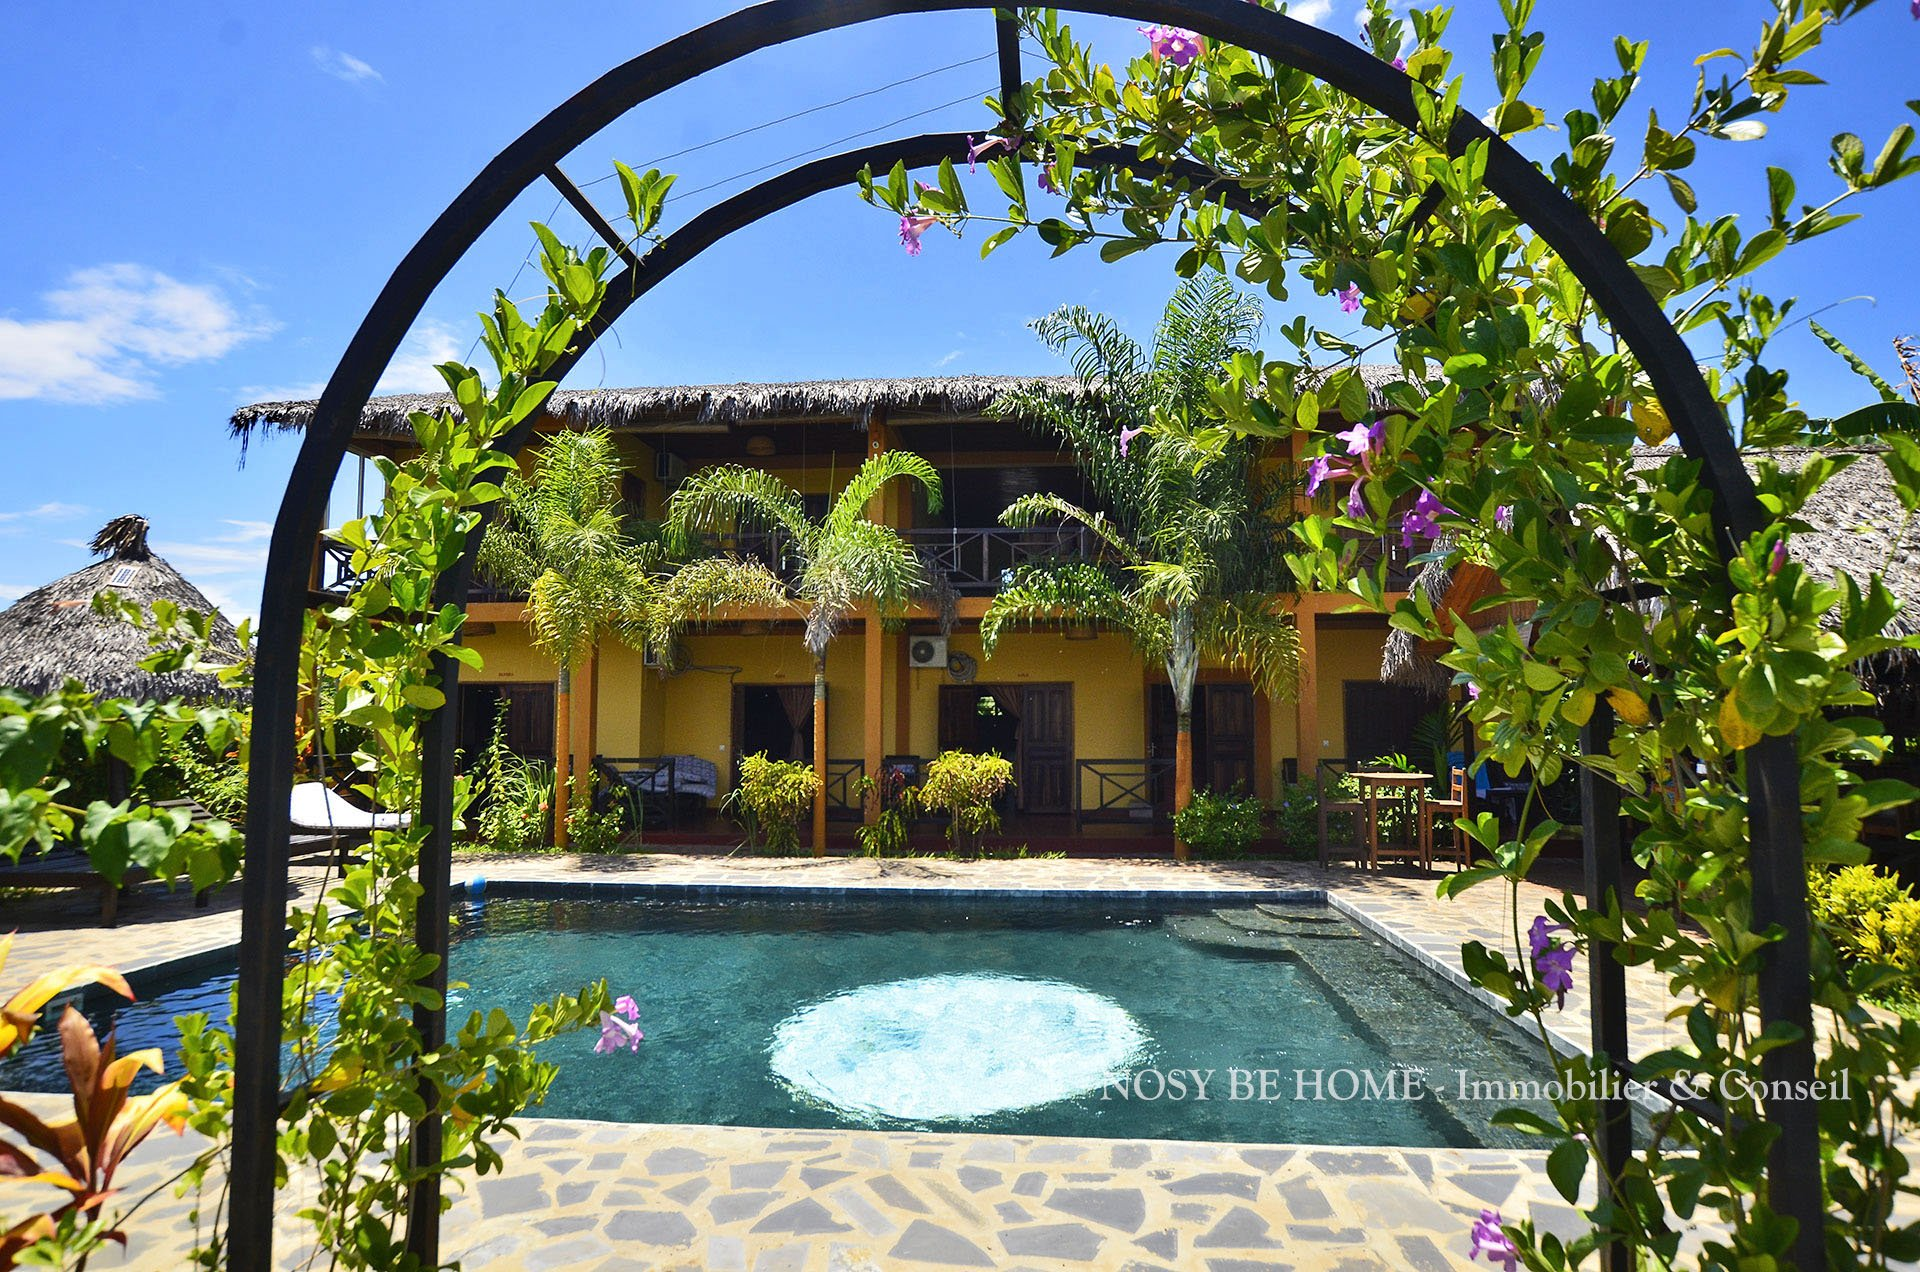 Auberge de charme avec piscine et bungalows